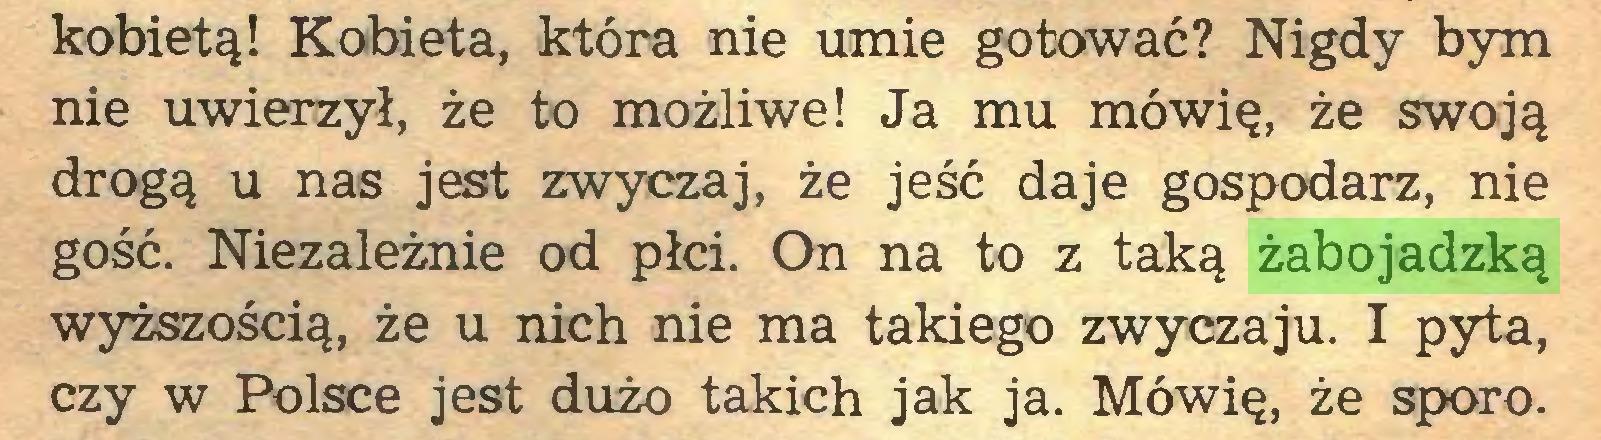 (...) kobietą! Kobieta, która nie umie gotować? Nigdy bym nie uwierzył, że to możliwe! Ja mu mówię, że swoją drogą u nas jest zwyczaj, że jeść daje gospodarz, nie gość. Niezależnie od płci. On na to z taką żabojadzką wyższością, że u nich nie ma takiego zwyczaju. I pyta, czy w Polsce jest dużo takich jak ja. Mówię, że sporo...